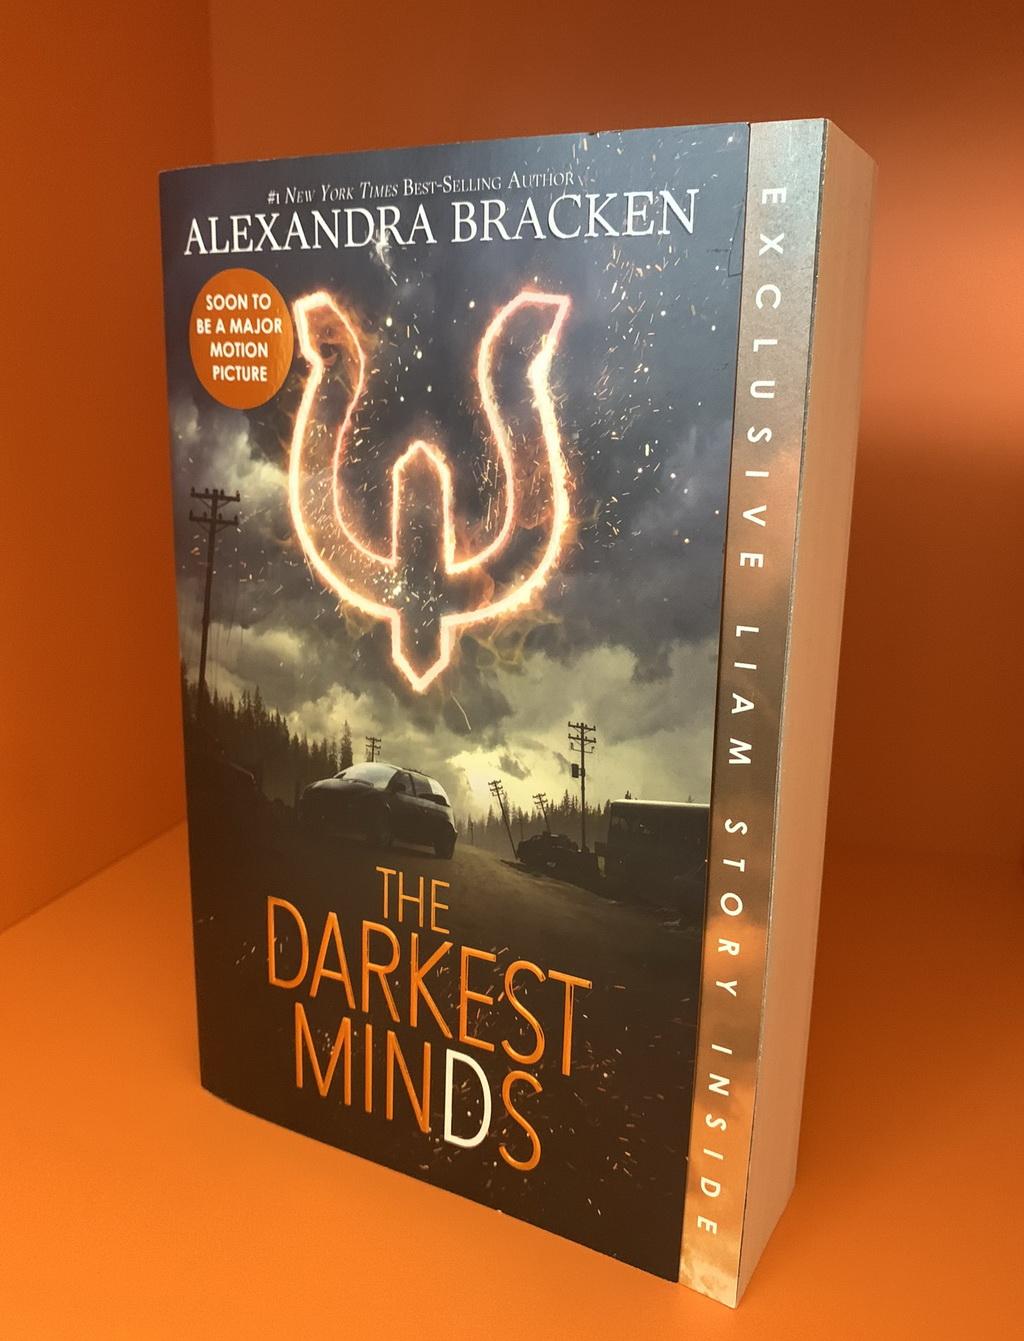 Billede af: The Darkest Minds af Alexandra Bracken